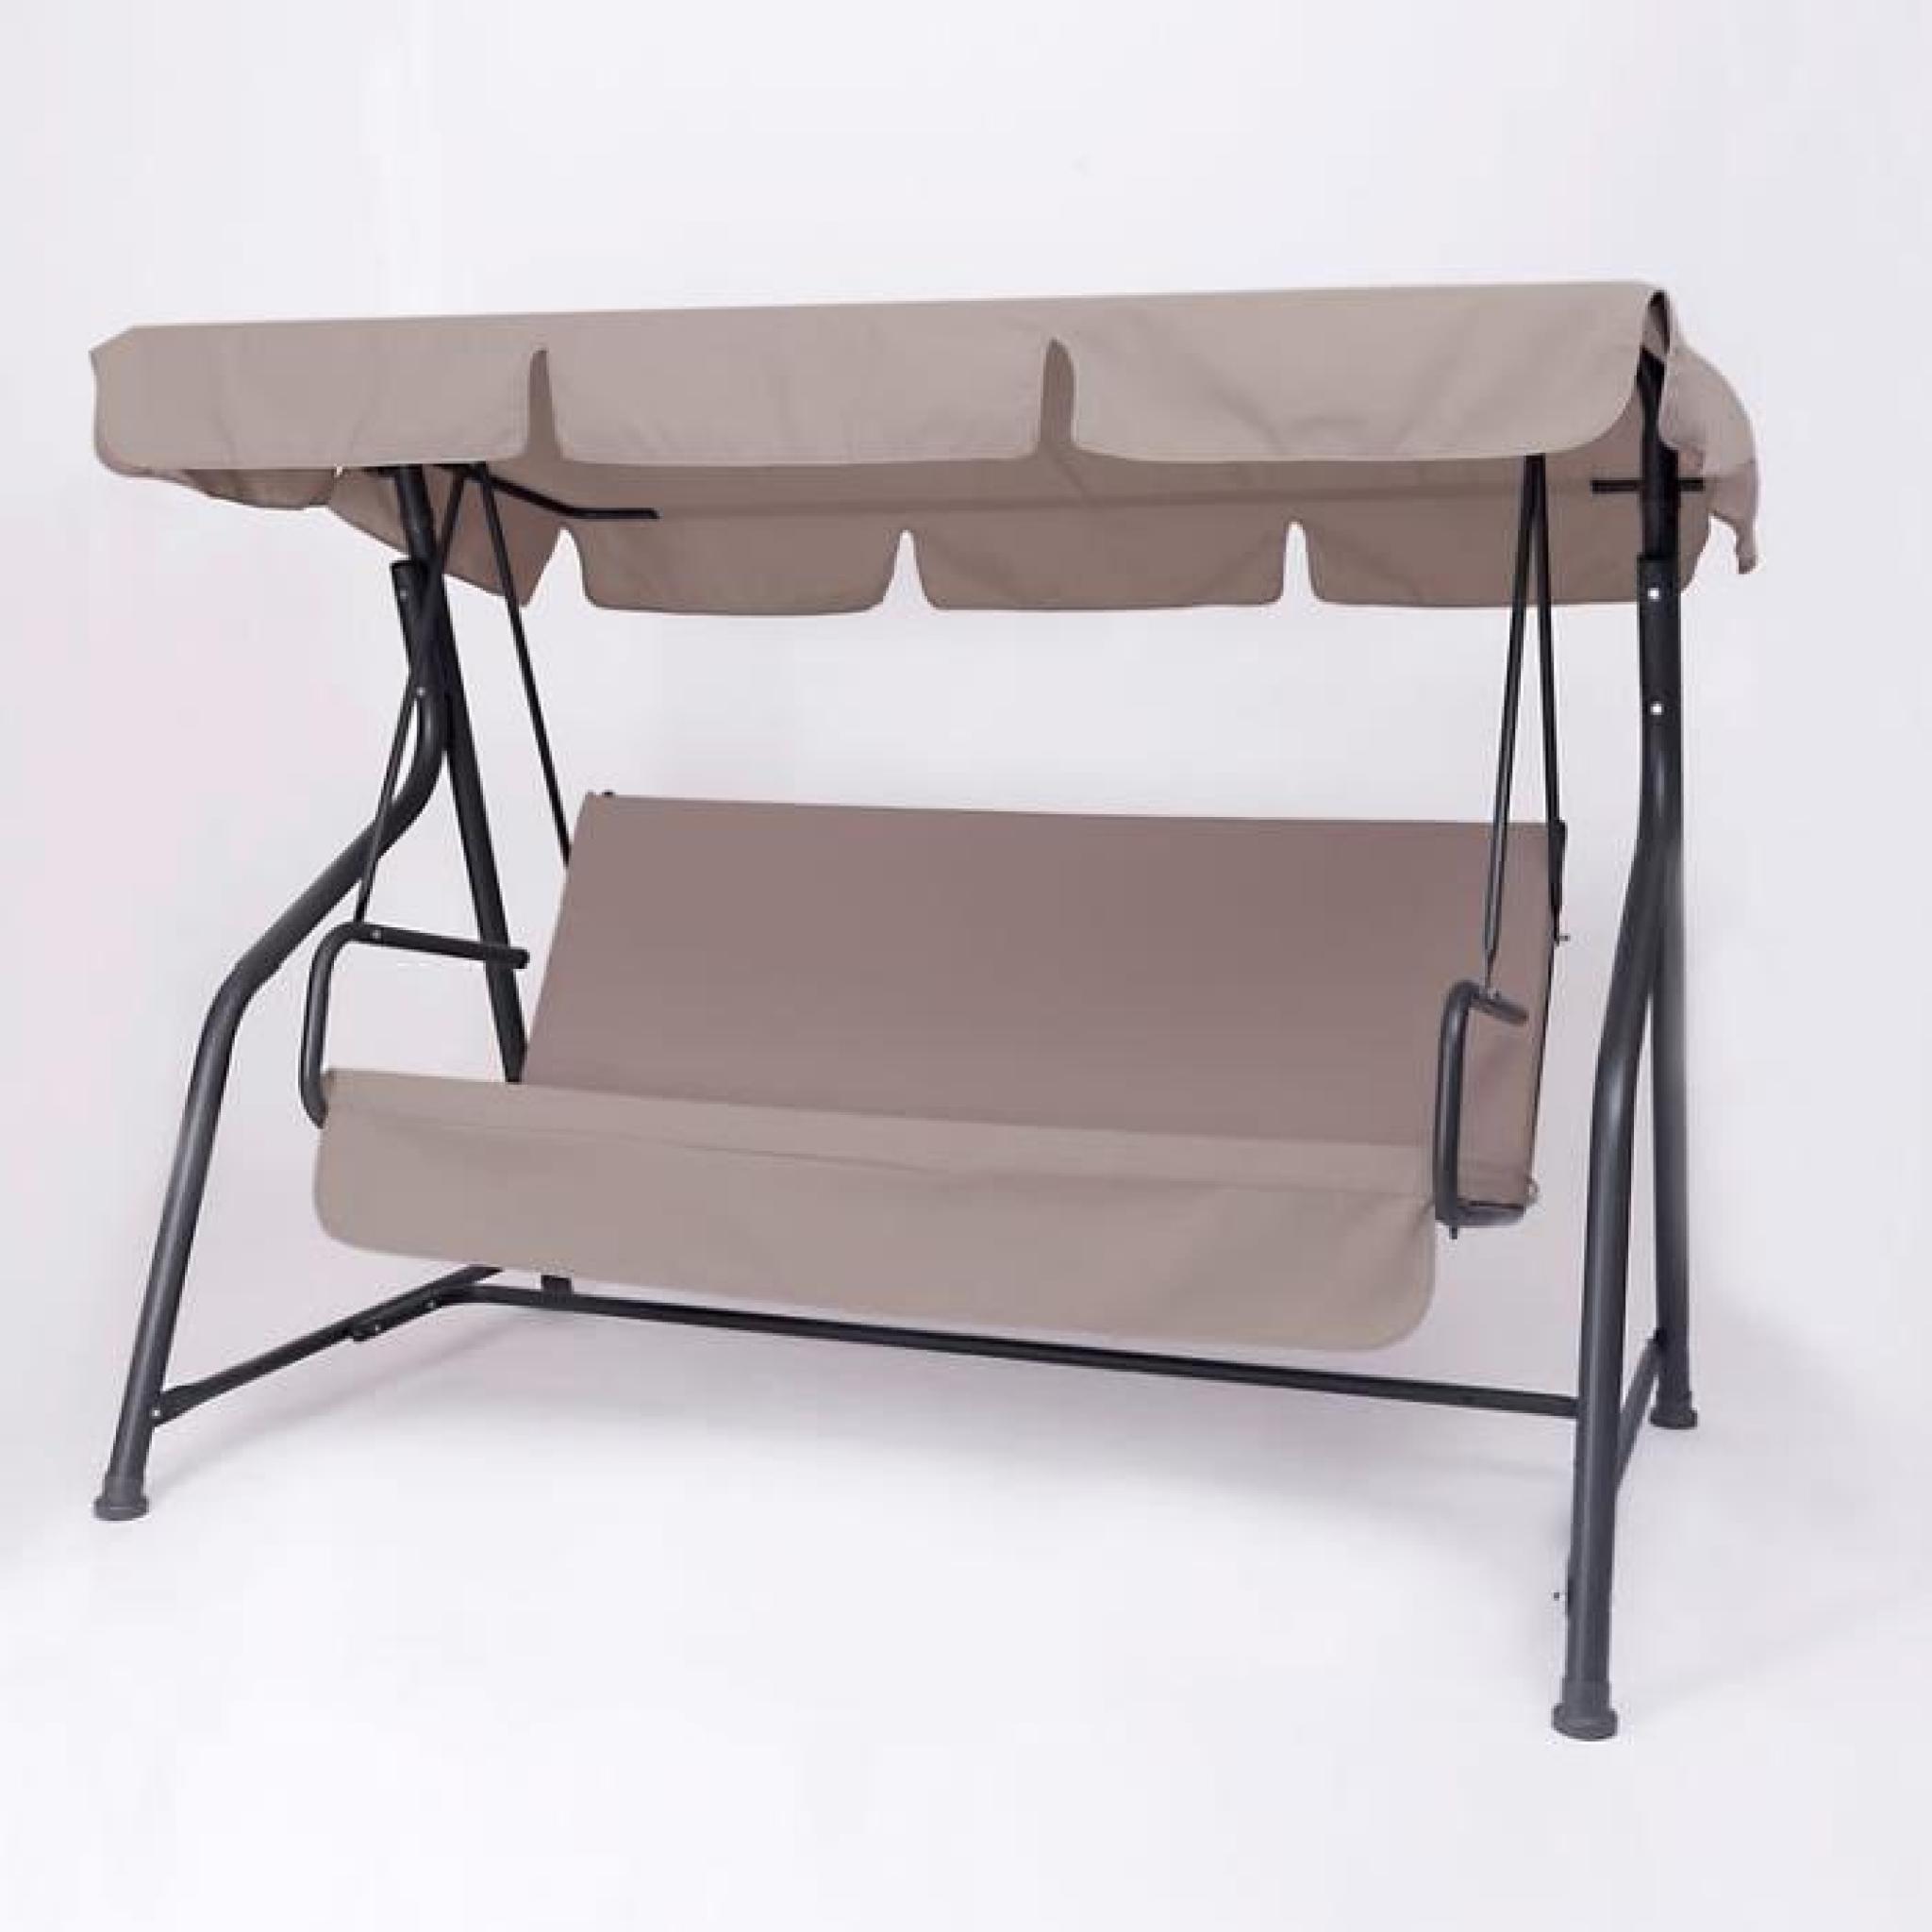 Balancelle 3 Places En Acier, Tissu Synthétique, Coussin Coton Et Polyester  150Cm Classic pour Coussin Balancelle